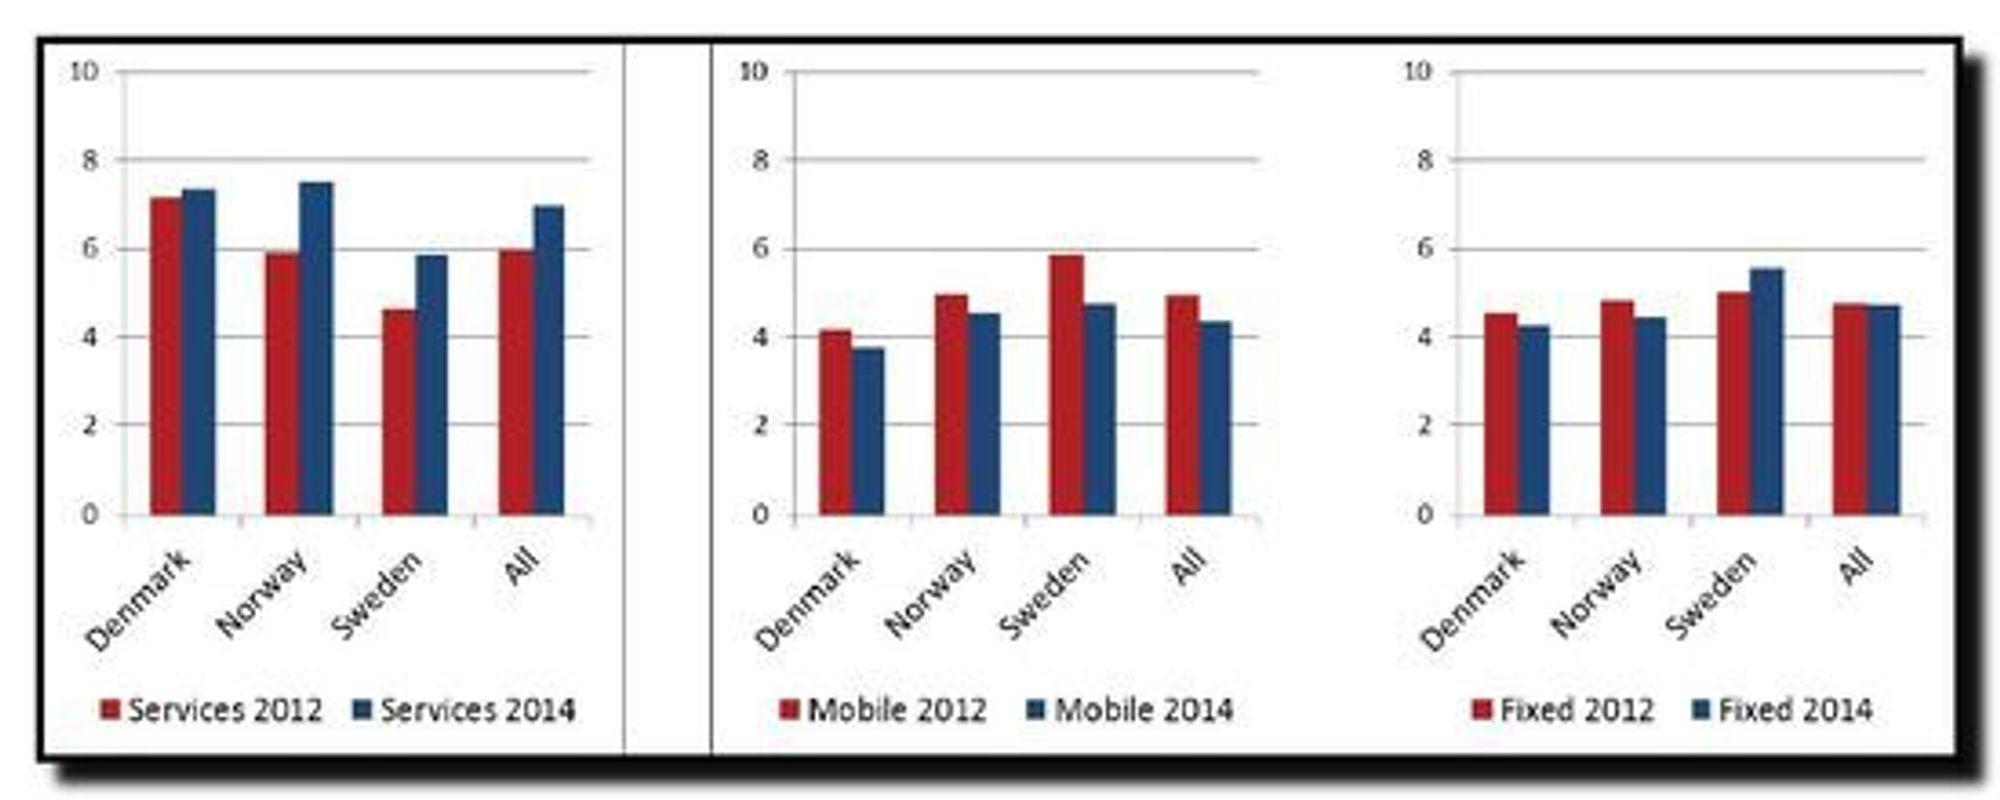 Nexia-rapporten viser utviklingen i de store skandinaviske kommunene når det gjelder digitale tjenester og tilrettelegging for mobil og fast infrastruktur.